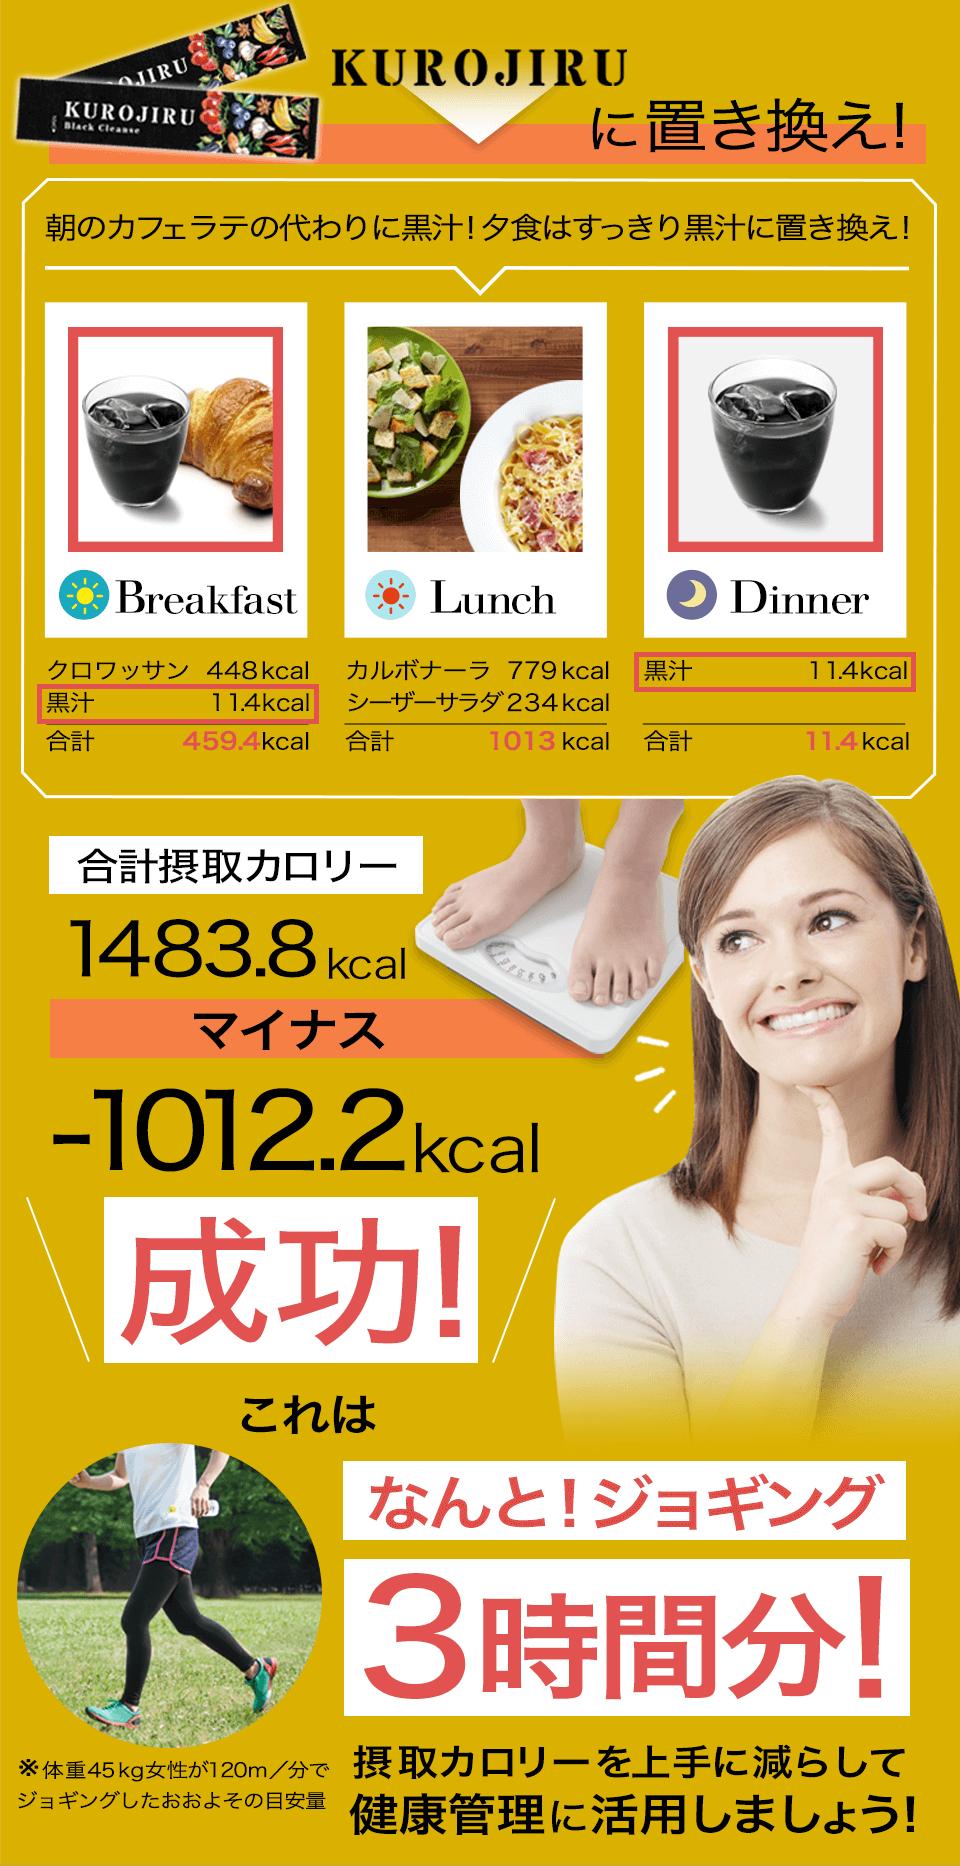 KUROJIRU009